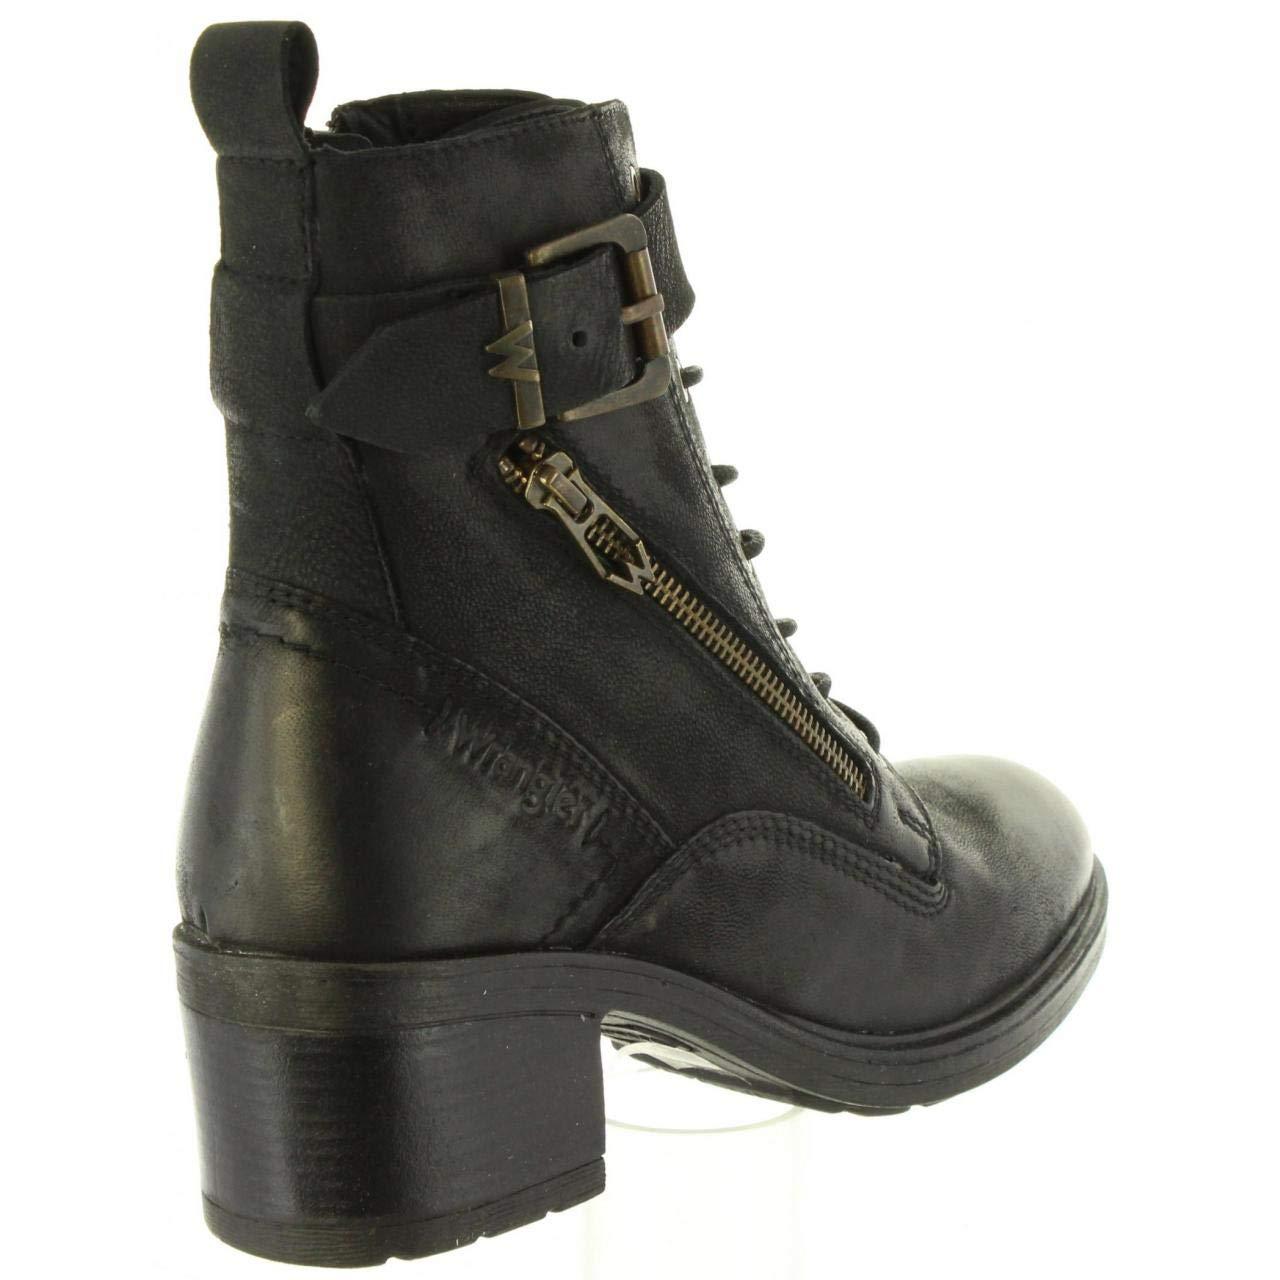 Wrangler Stiefel Stiefel Stiefel für Damen WL182542 Vail schwarz 8d5d6d